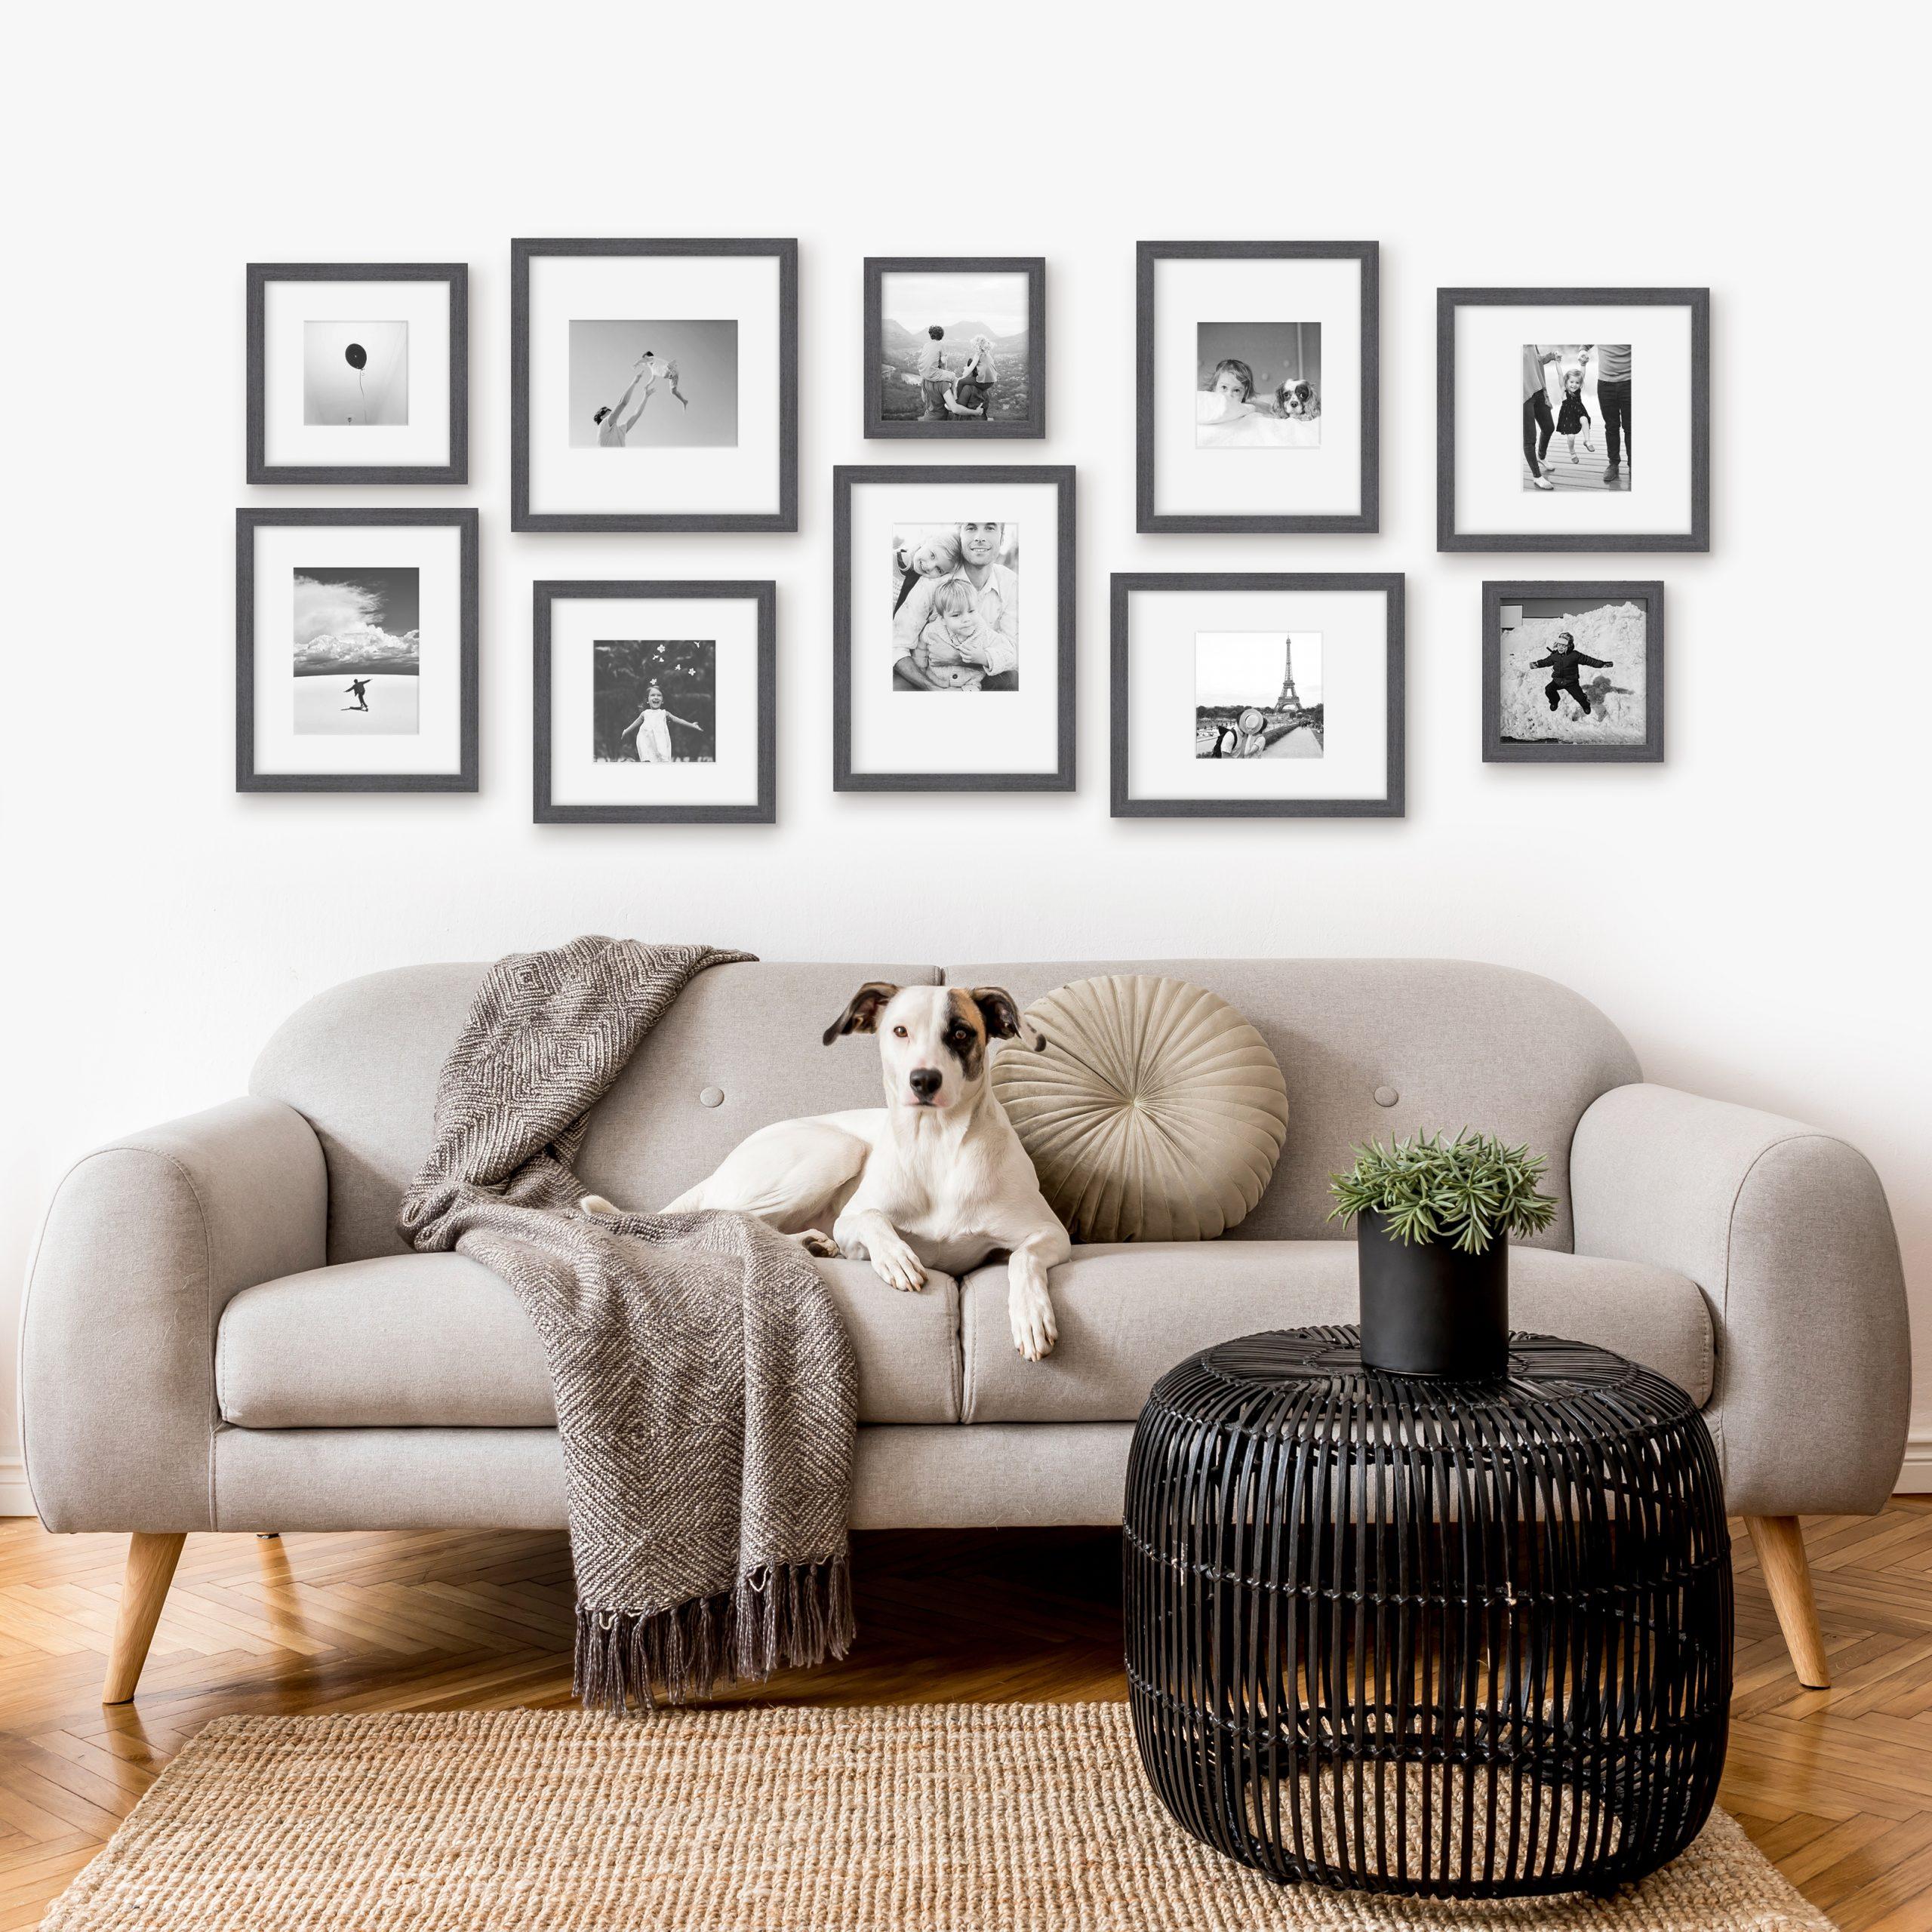 Big Mismatch Gallery wall framed photos wall art framefrox NZ prints frames